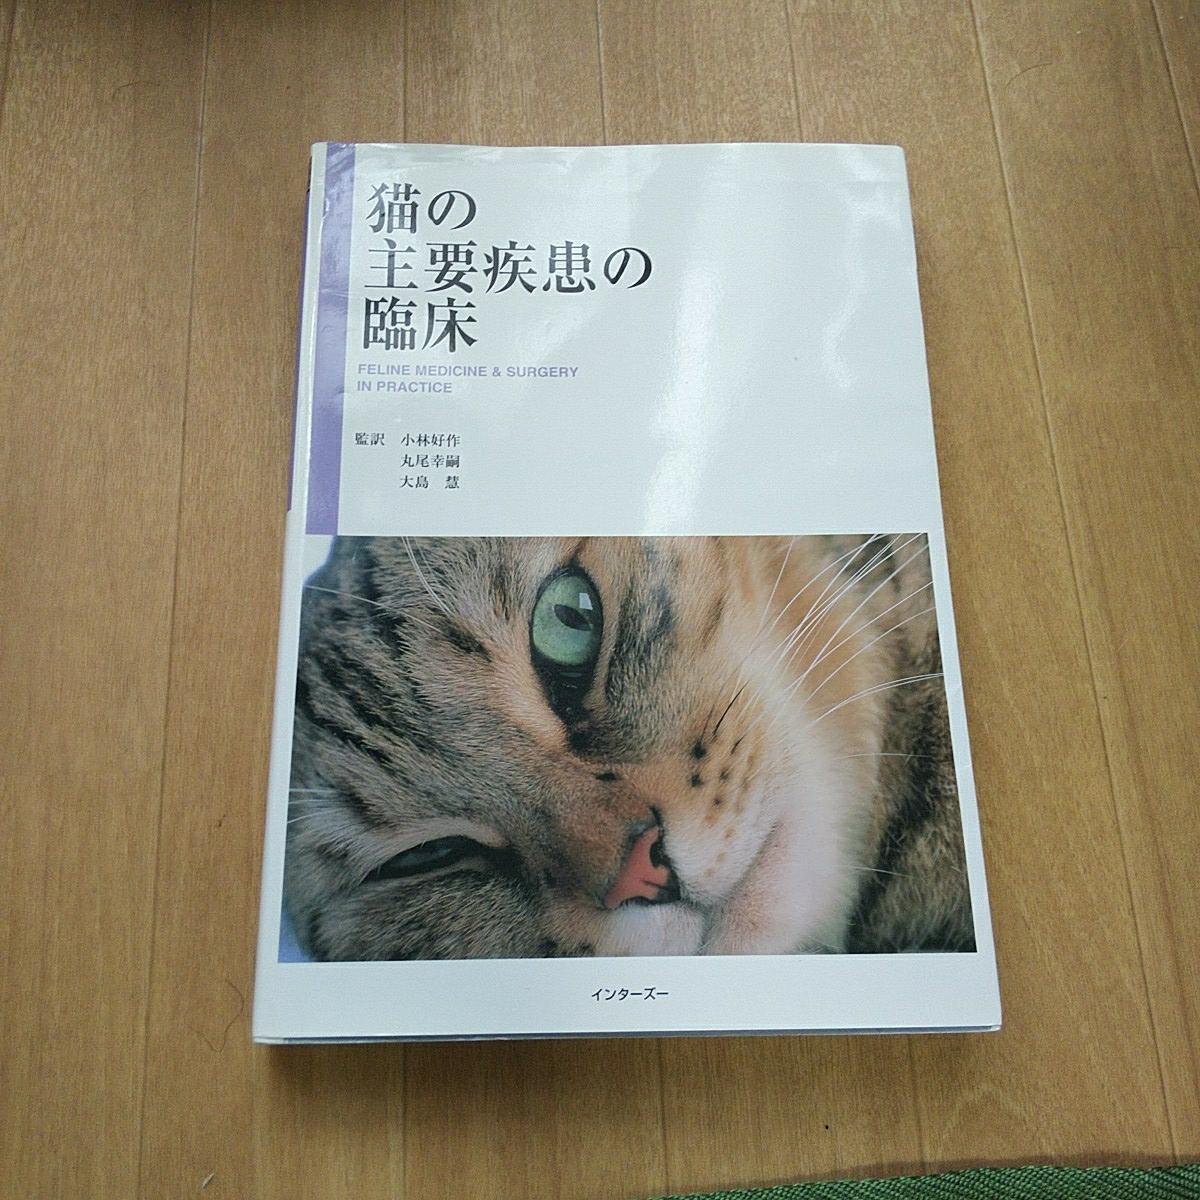 猫の主要疾患の臨床 小林好作 インターズー 医学書 獣医 動物看護師_画像1